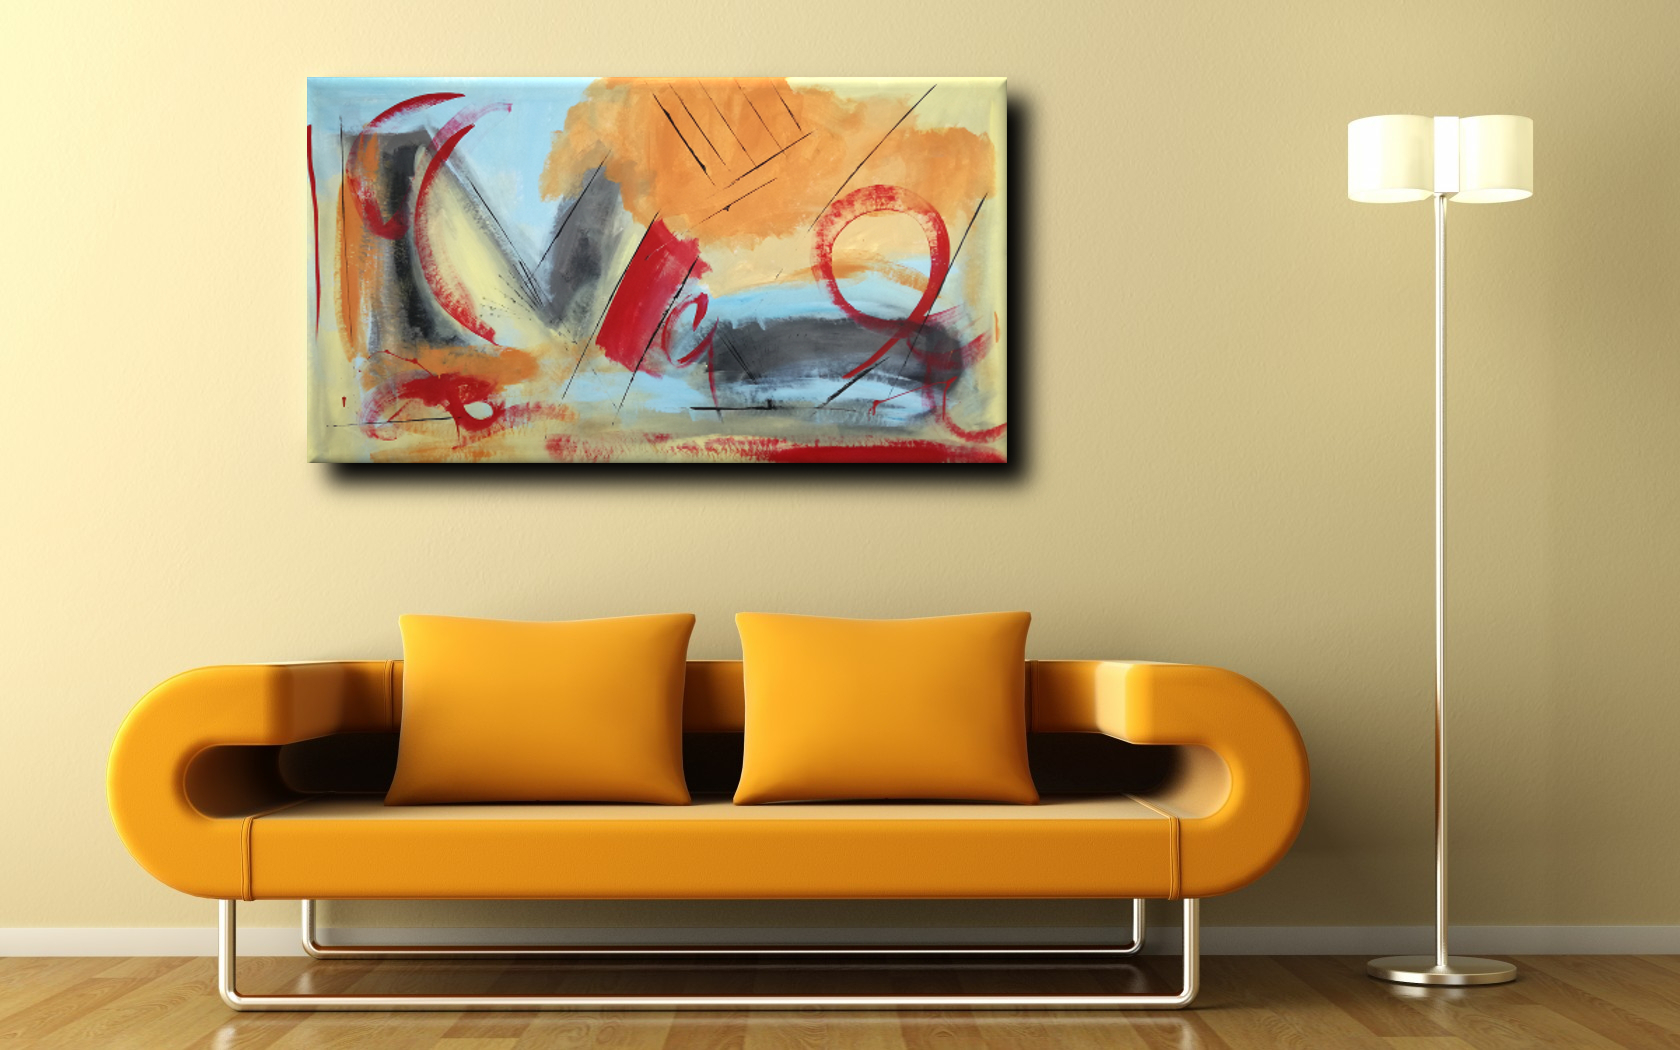 quadri astratti fatti a mano 120x60 per soggiorno | sauro bos